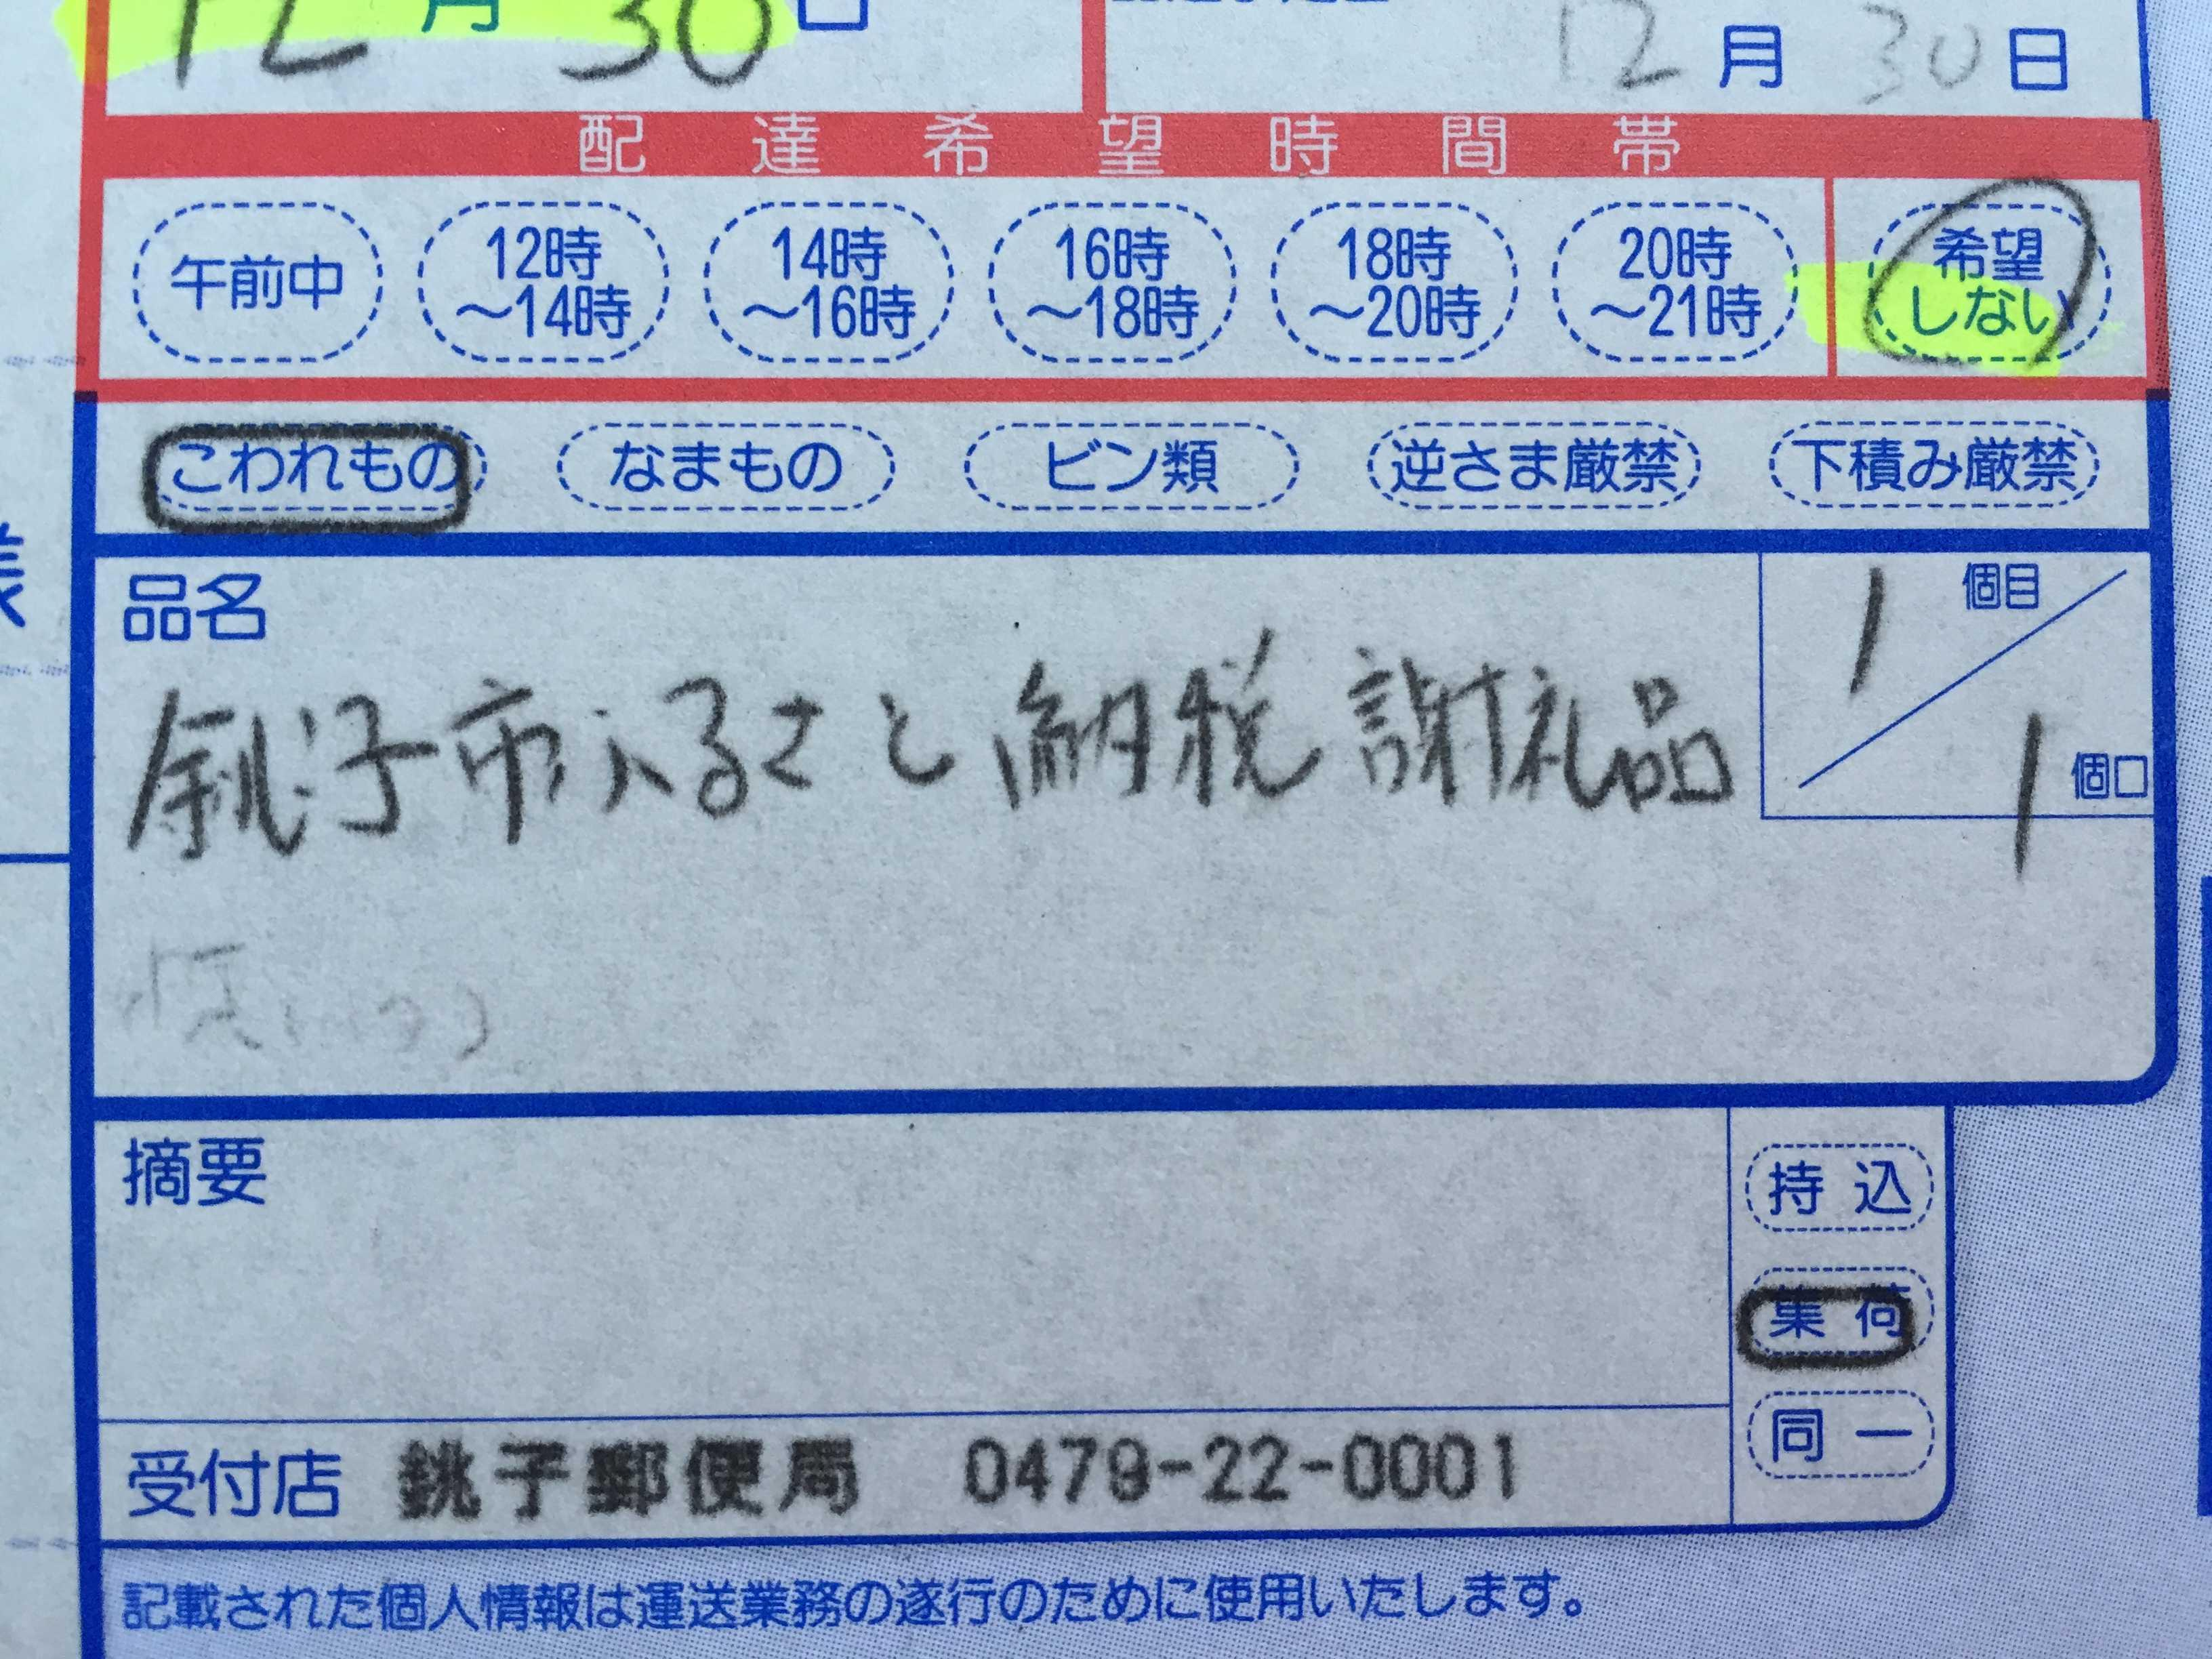 銚子市ふるさと納税謝礼品 - 額賀屋染工場の大漁旗